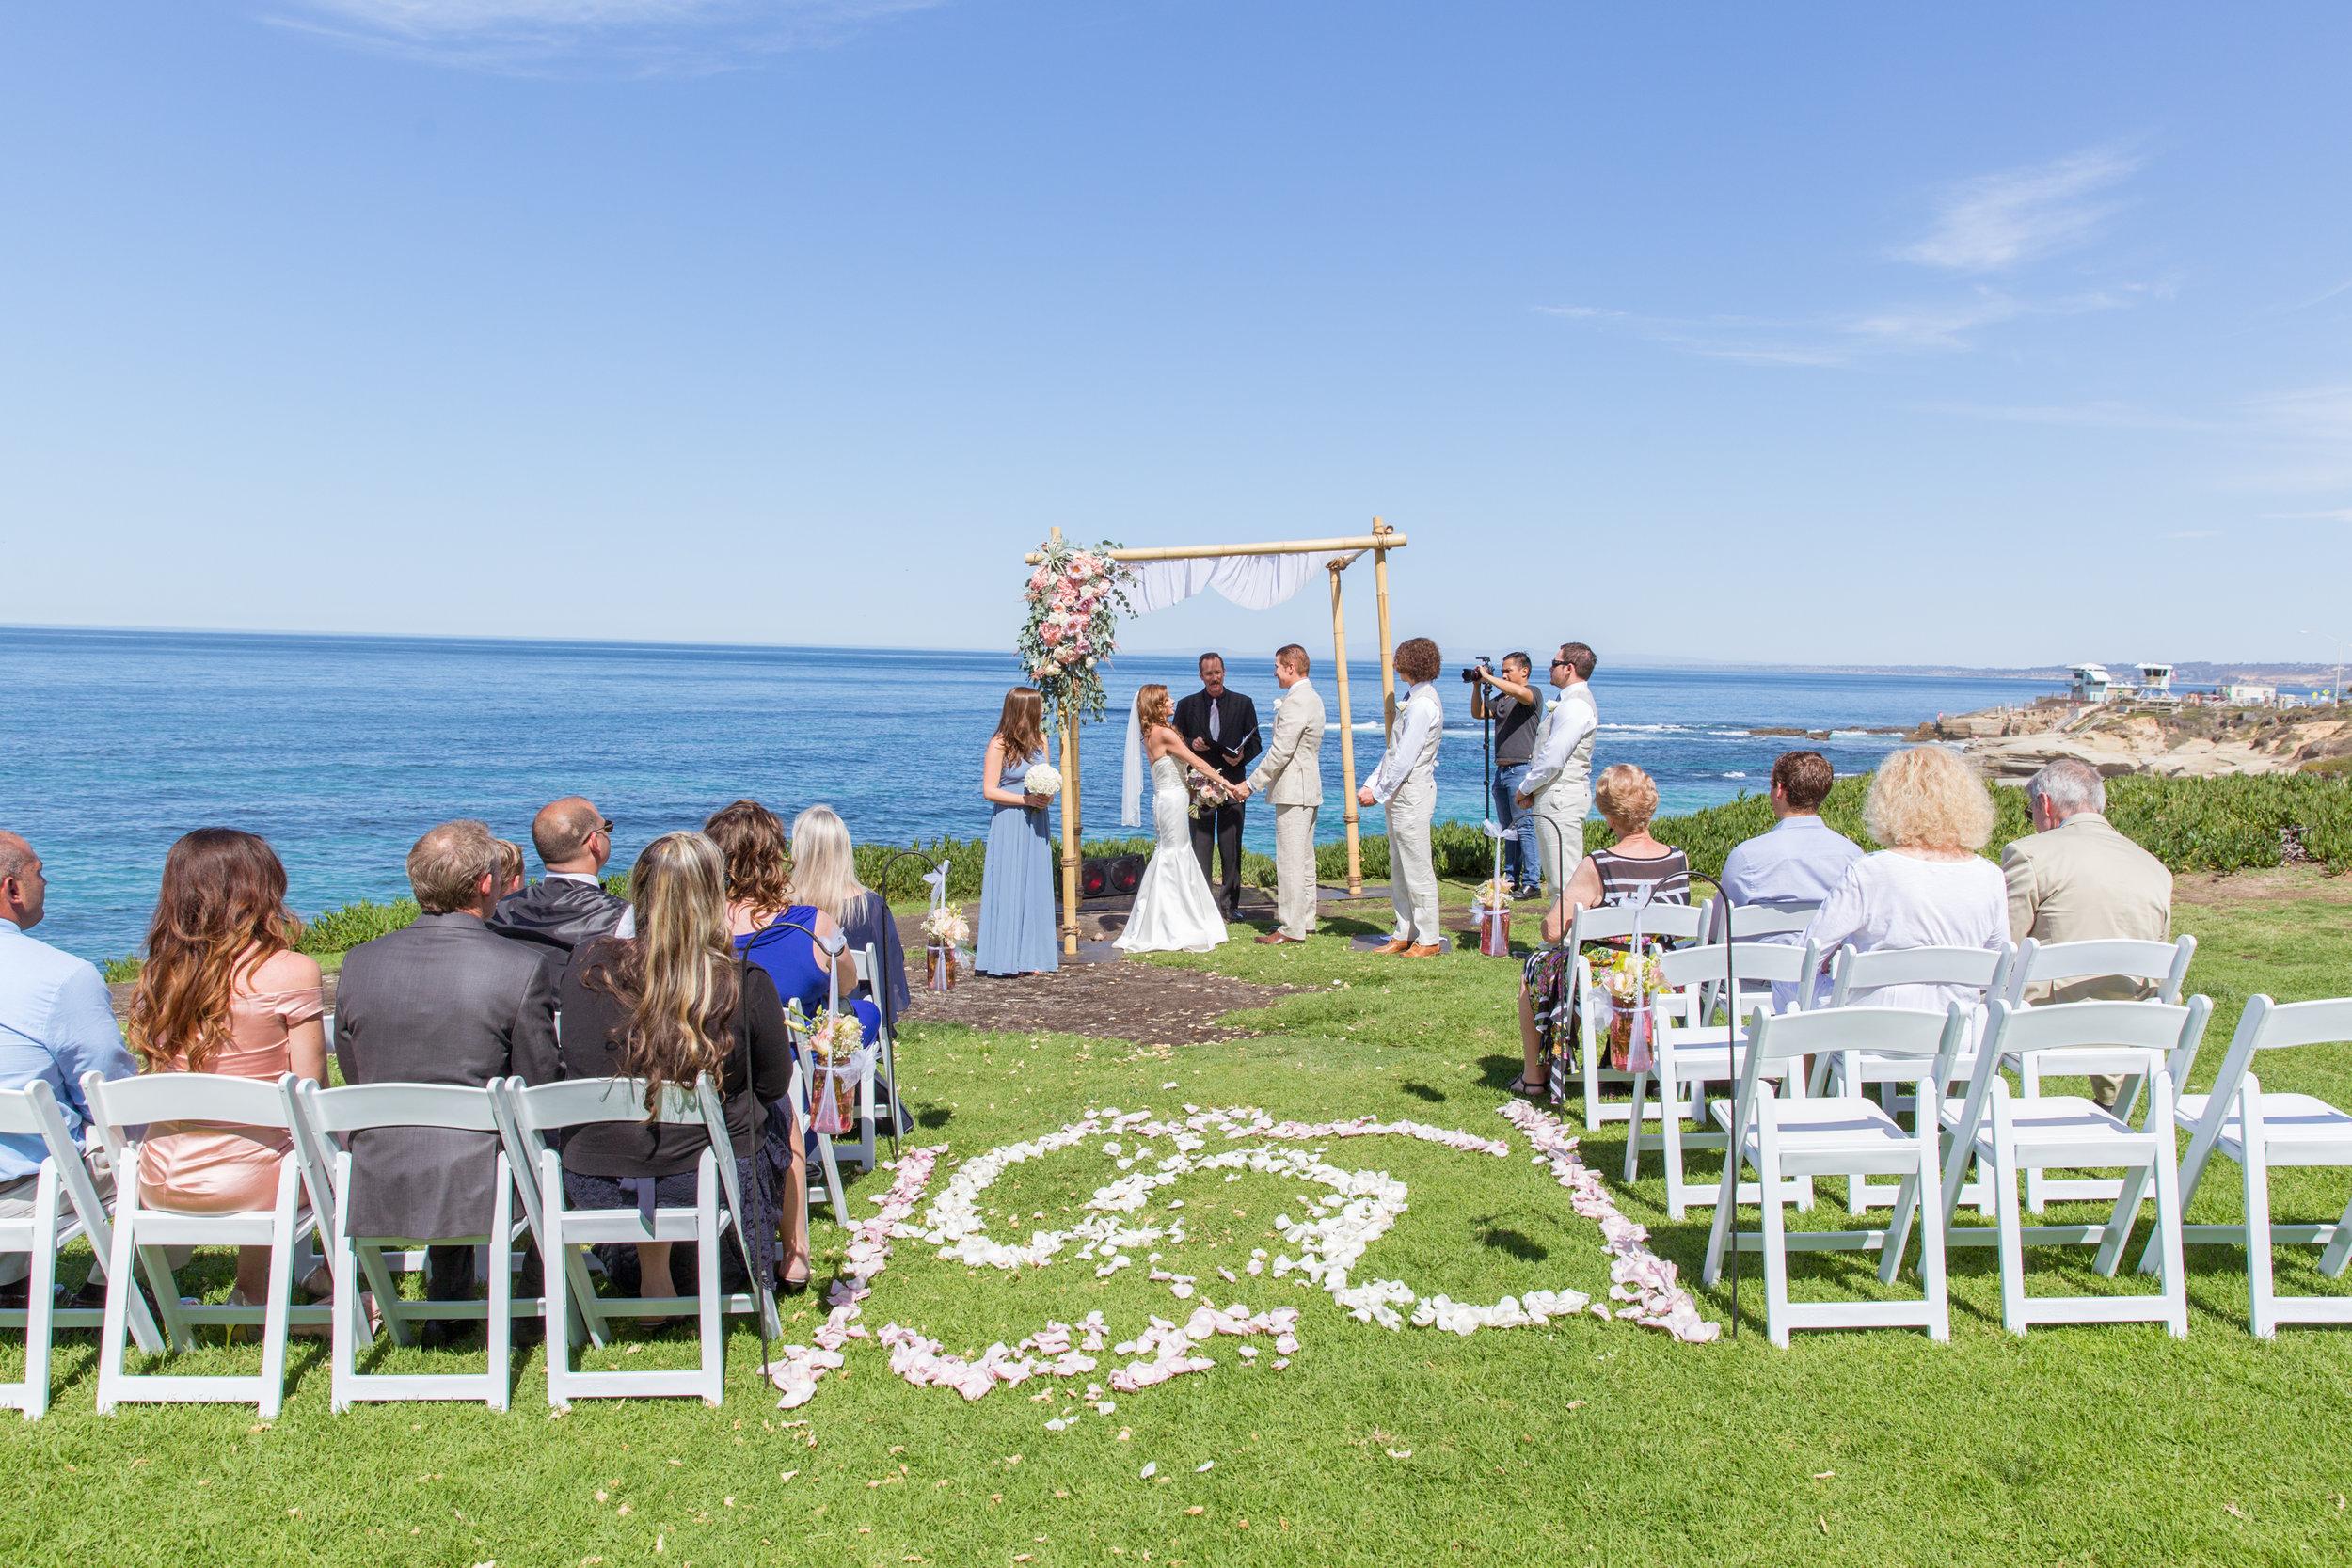 la jolla wedding-11.jpg